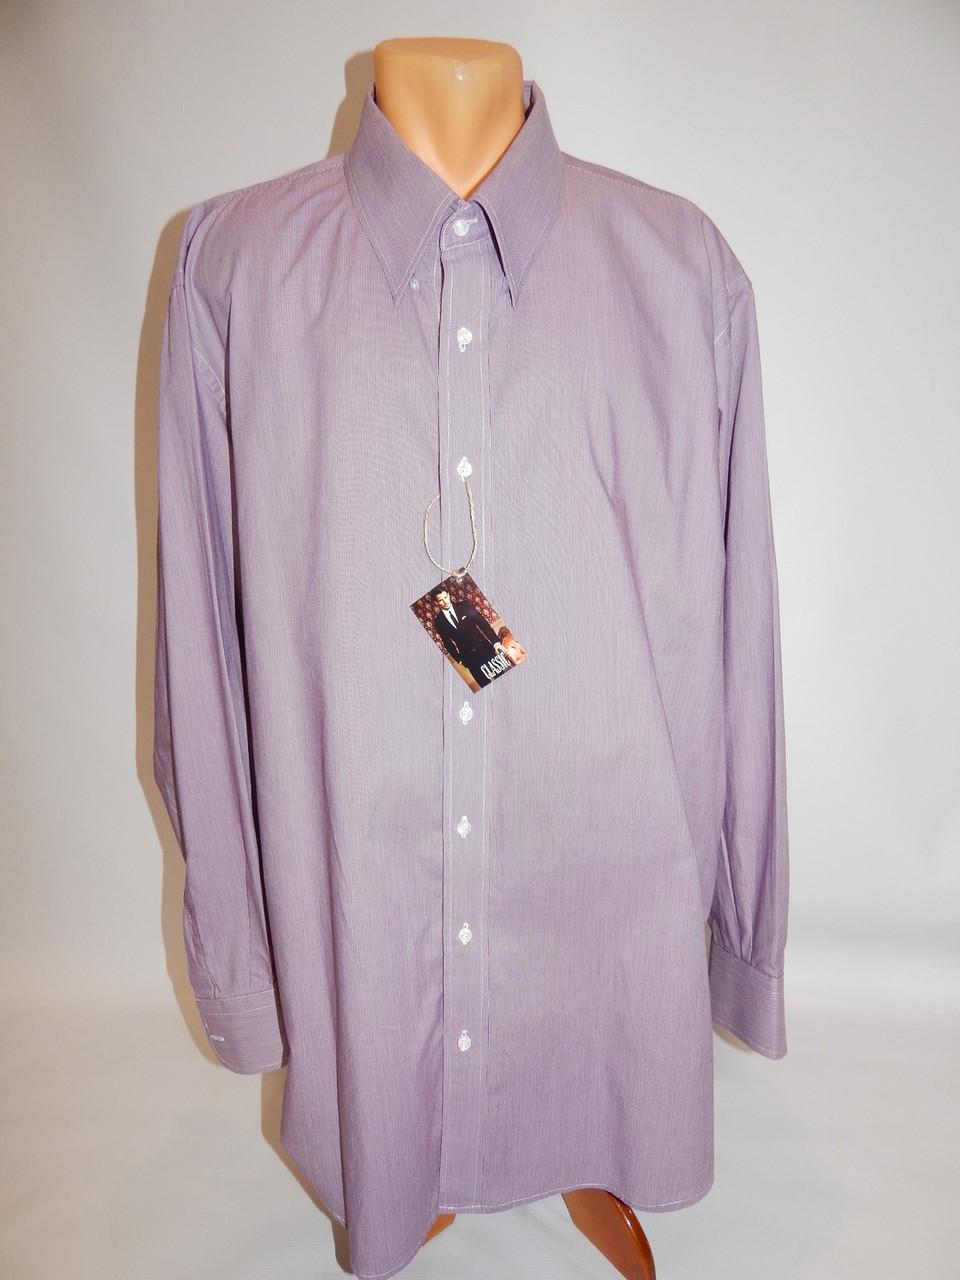 Мужская рубашка с длинным рукавом  068ДР р.58